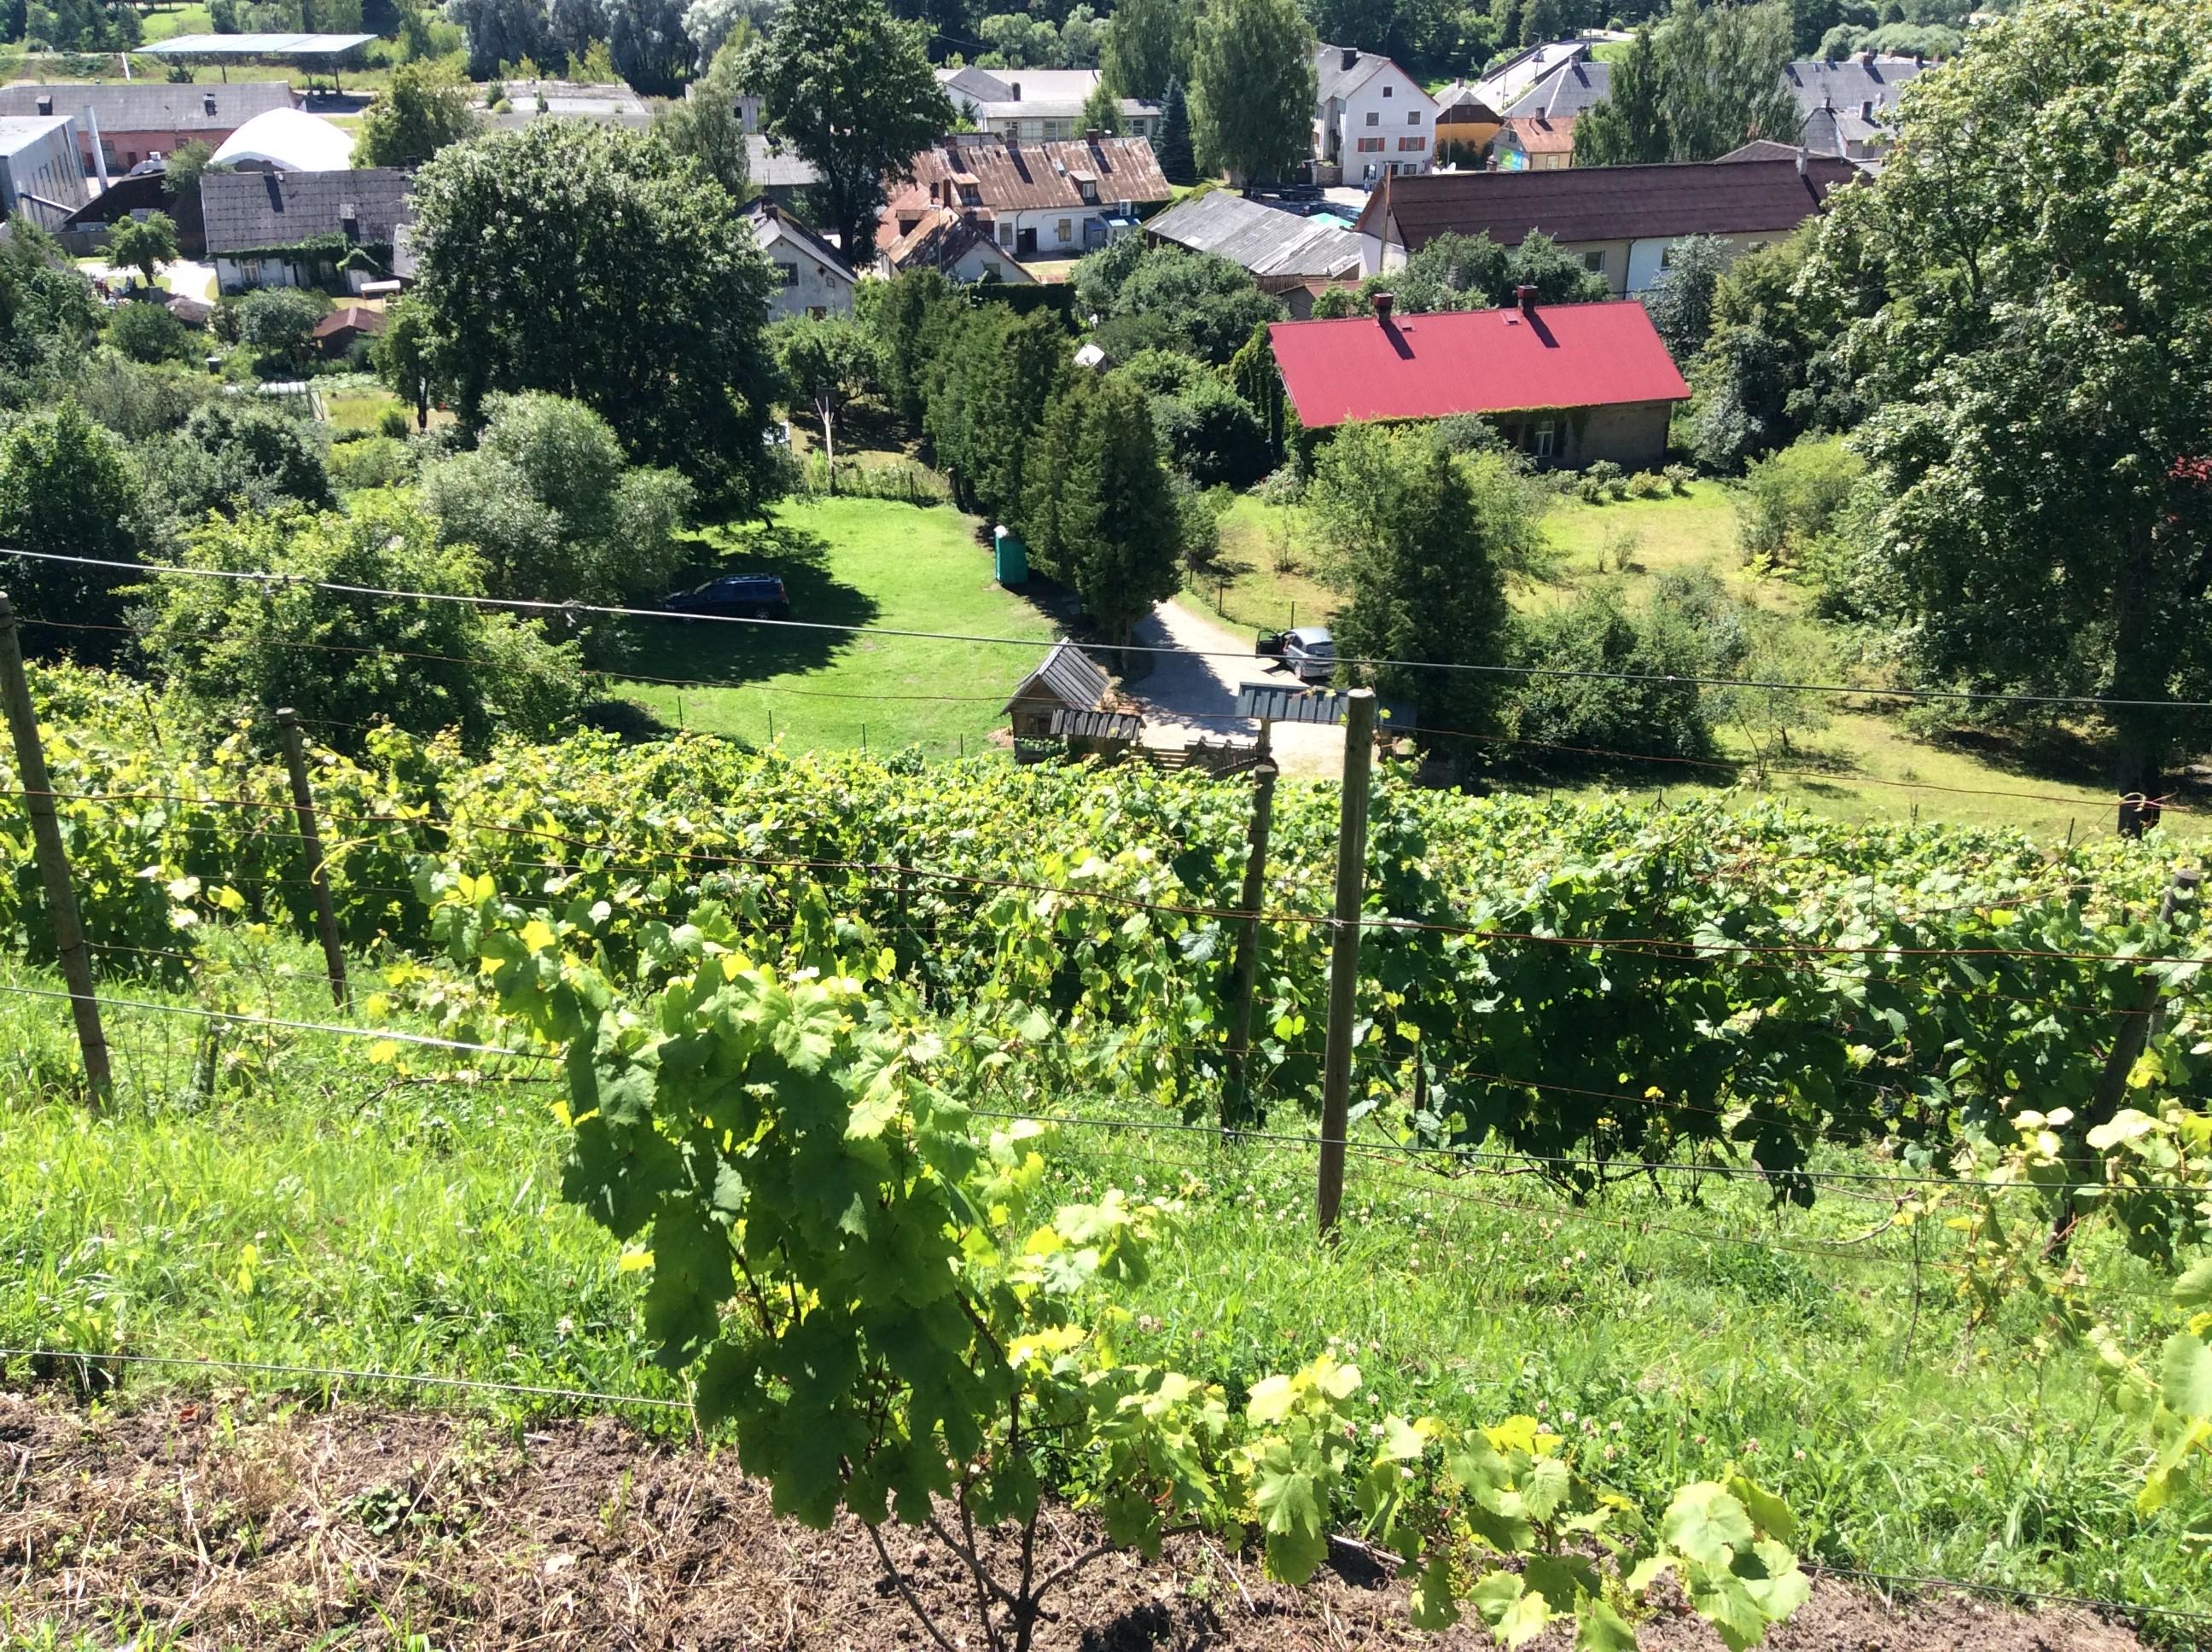 Sabile viinamarja istandus jardin lilled for Jardin lilled